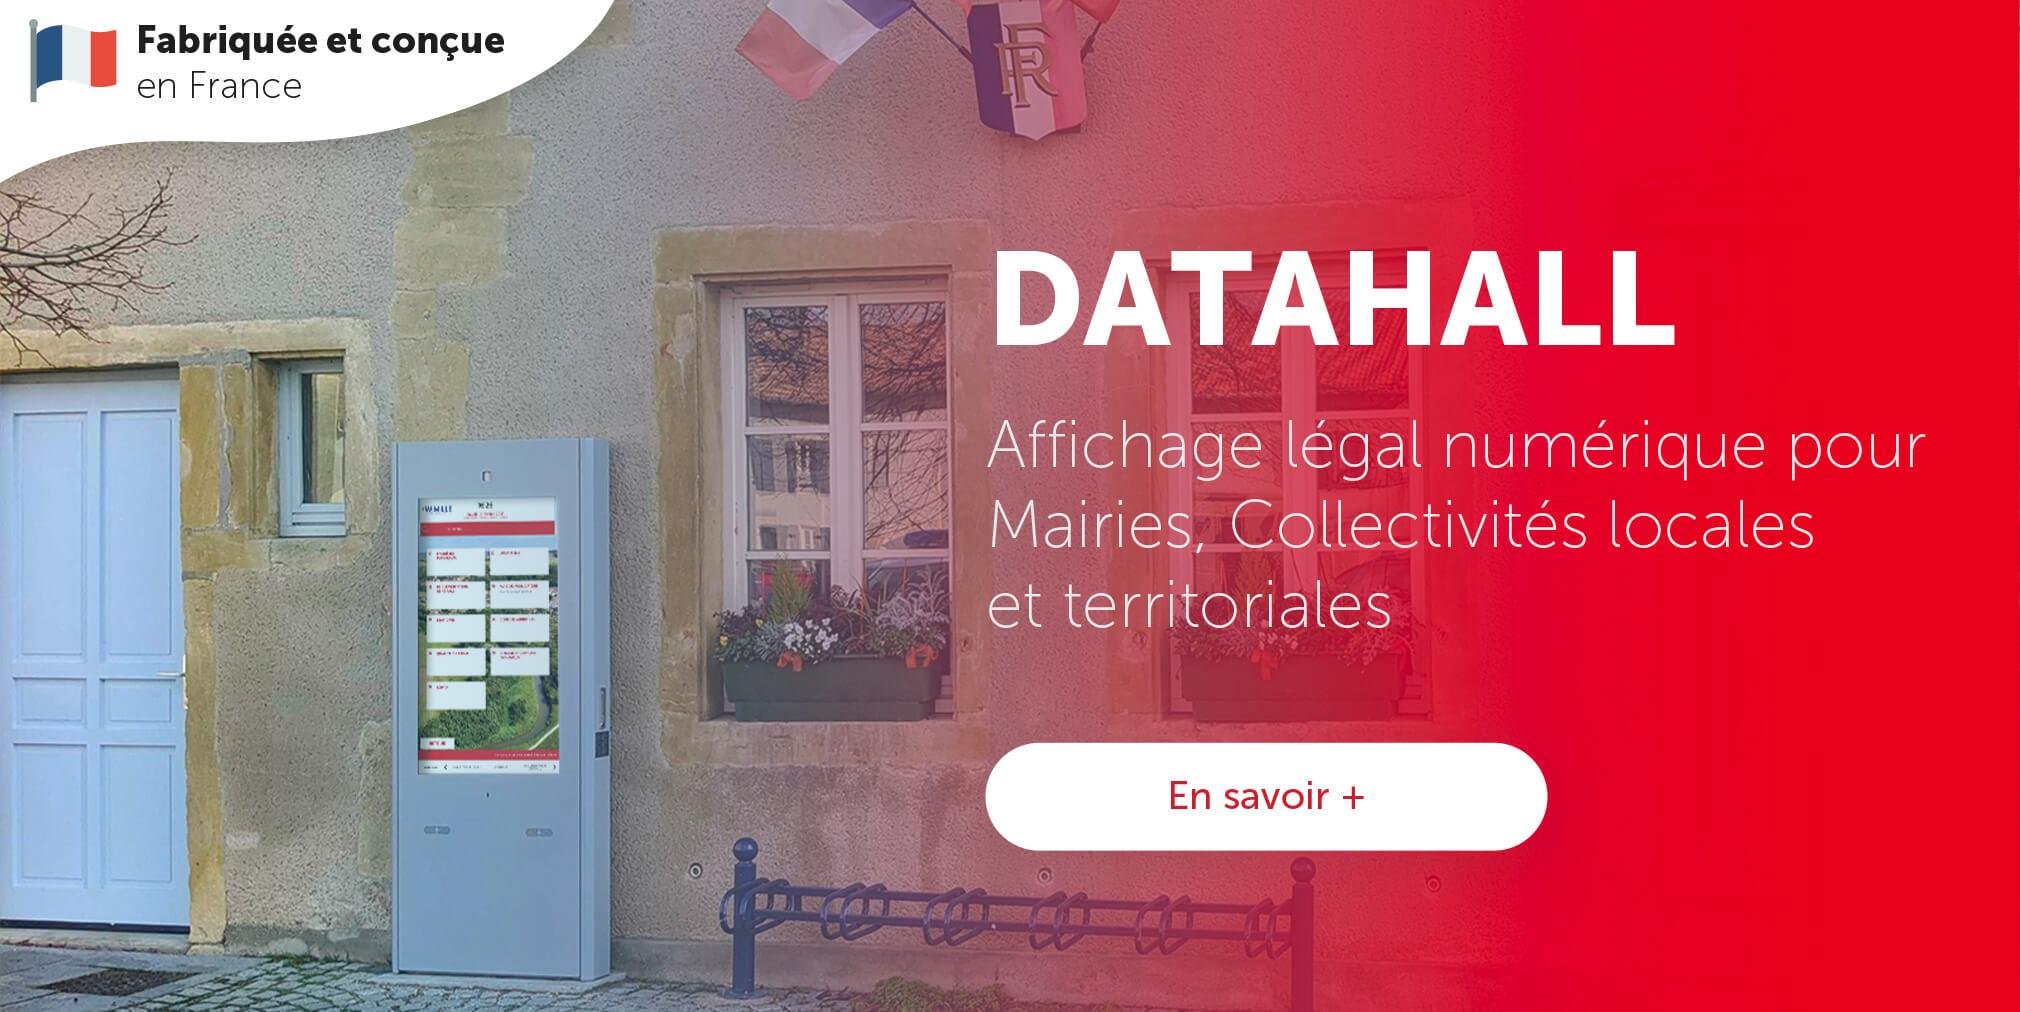 Datahall affichage légal numérique mairie